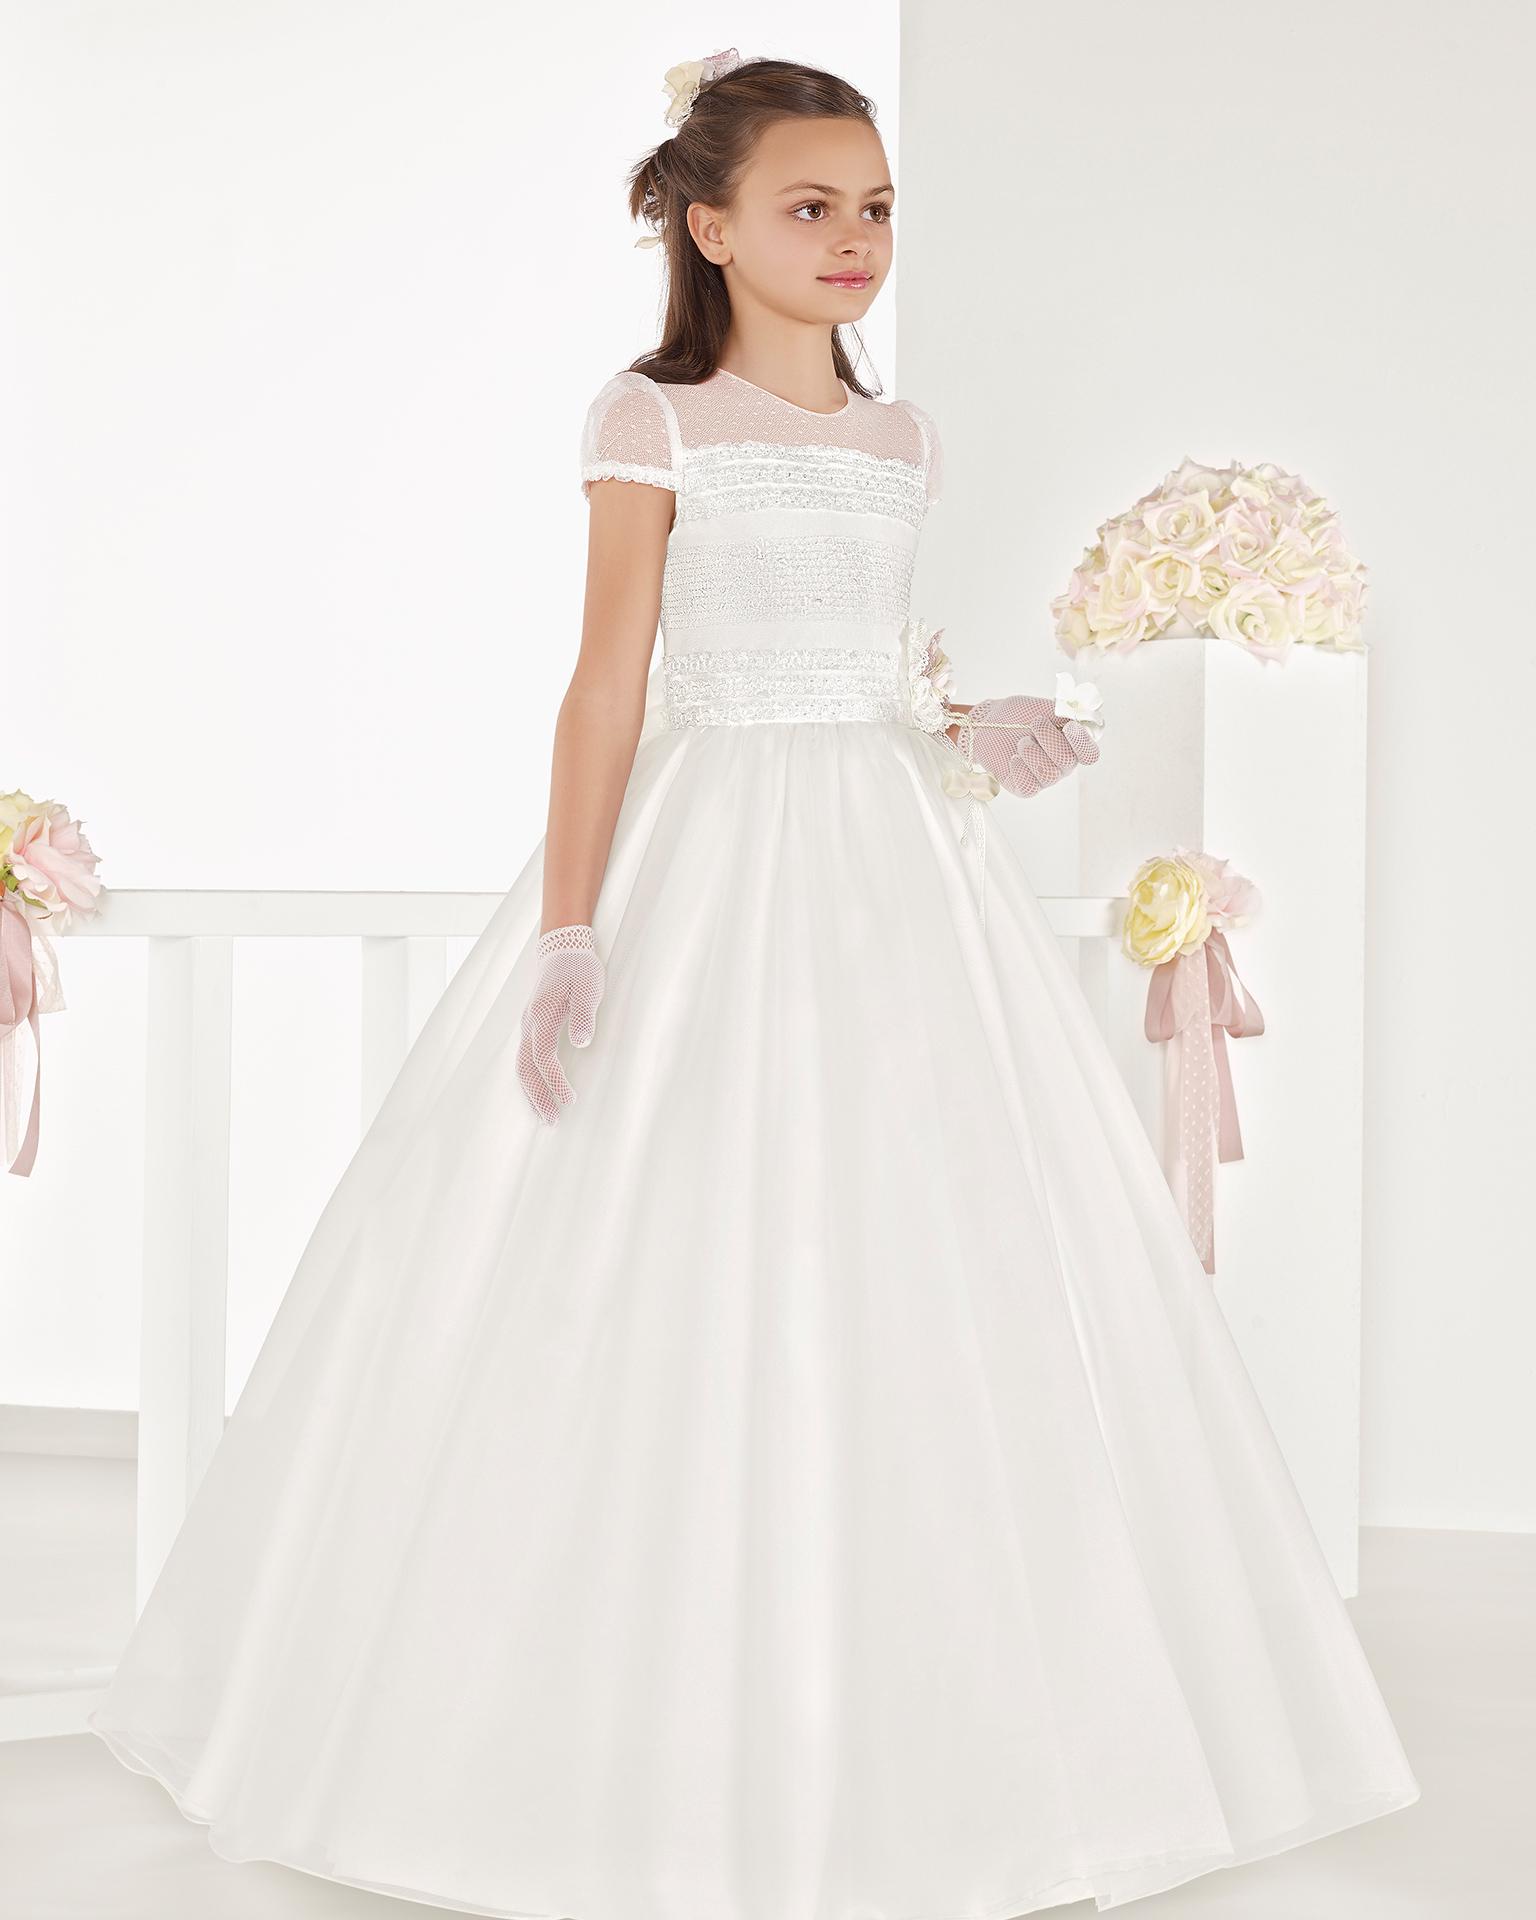 米白色大摆式亚光欧根纱初次圣礼裙或伴娘礼服,采用中腰设计。 AIRE COMUNION 新品系列 2018.